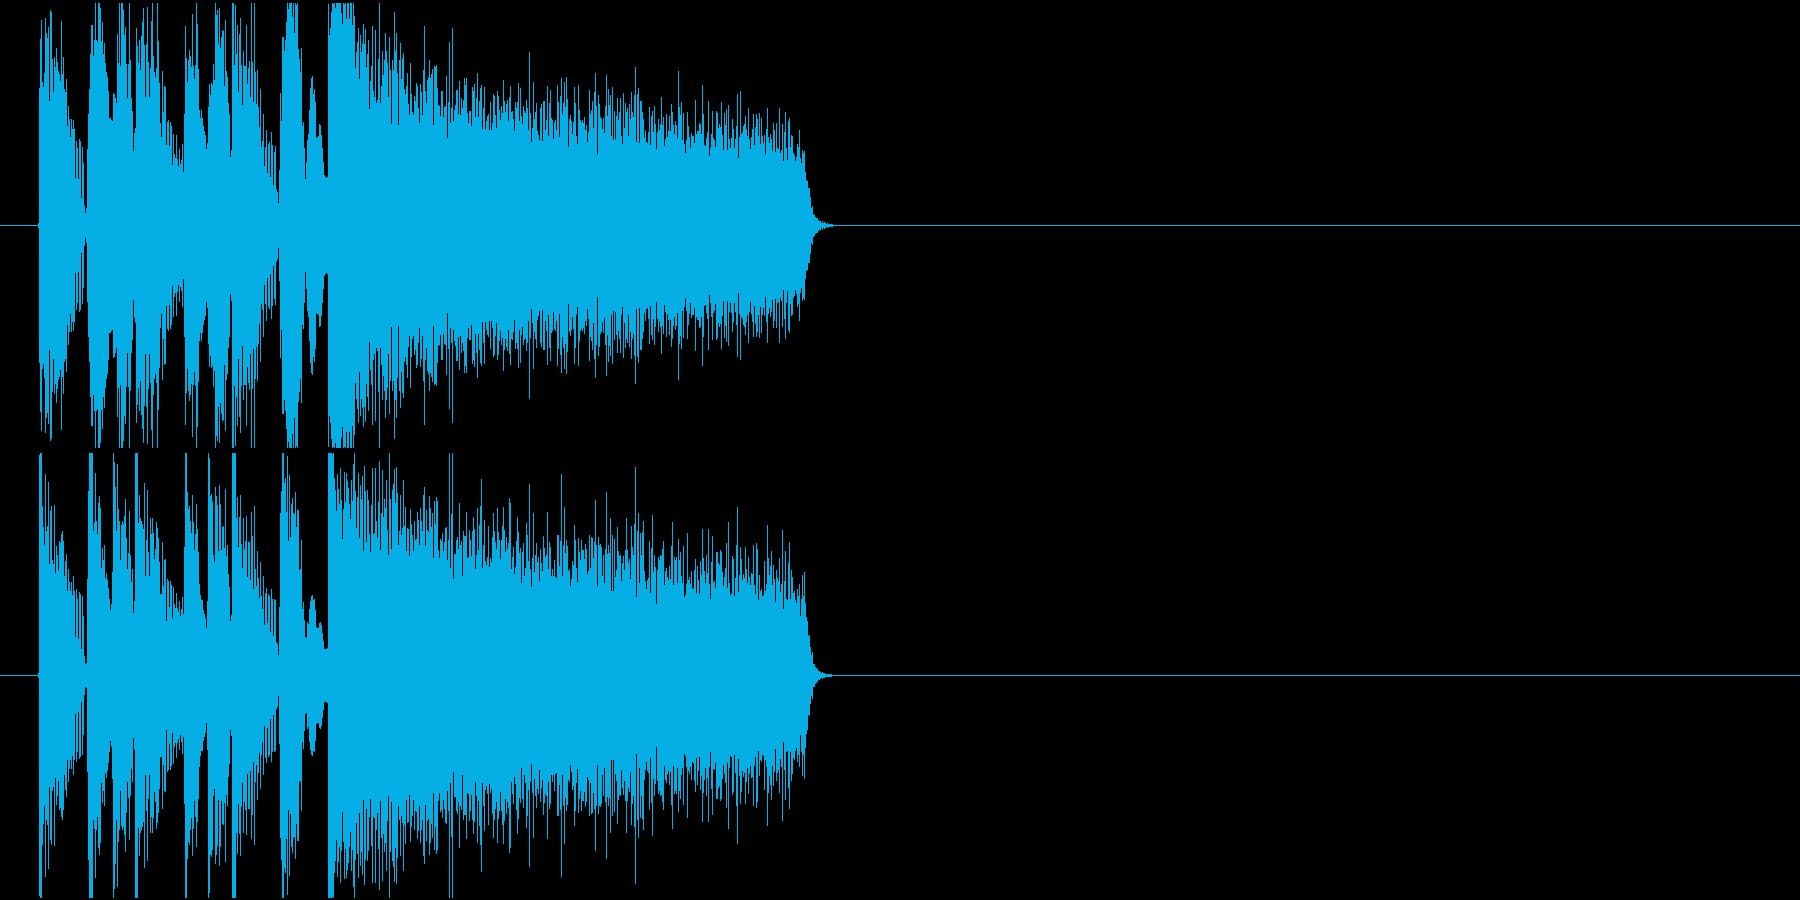 コミカル おちゃらけ コント クイズの再生済みの波形